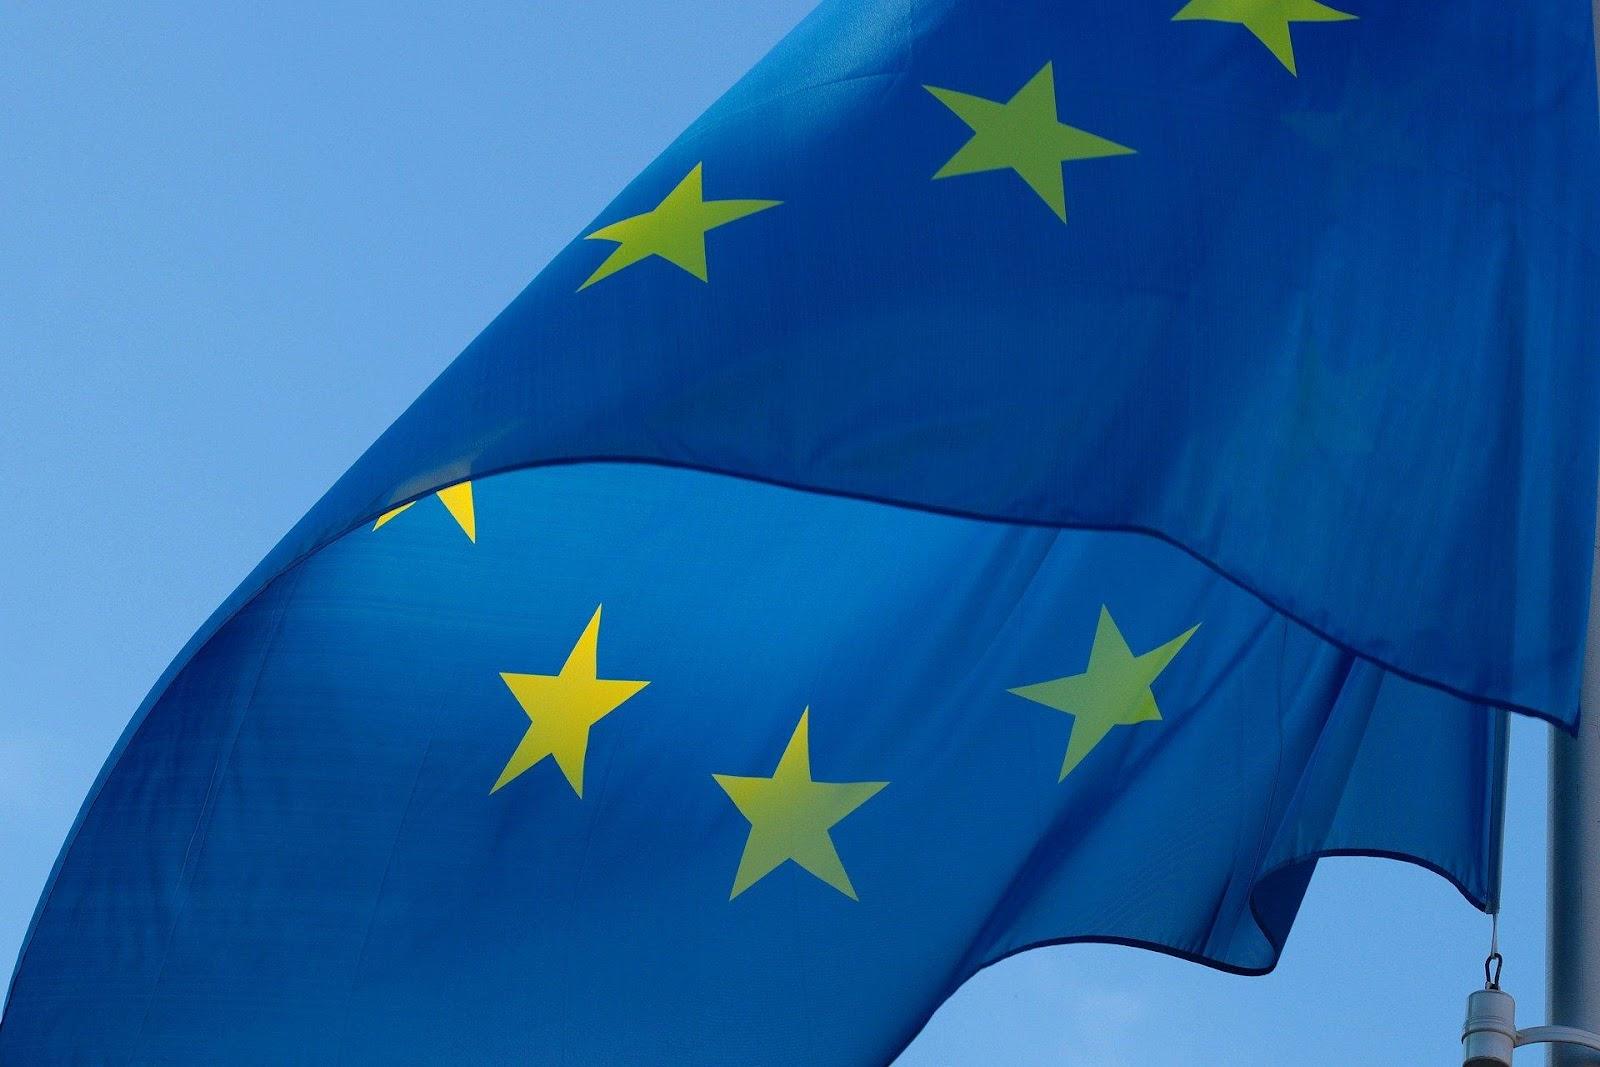 Bandera de color azul  Descripción generada automáticamente con confianza media